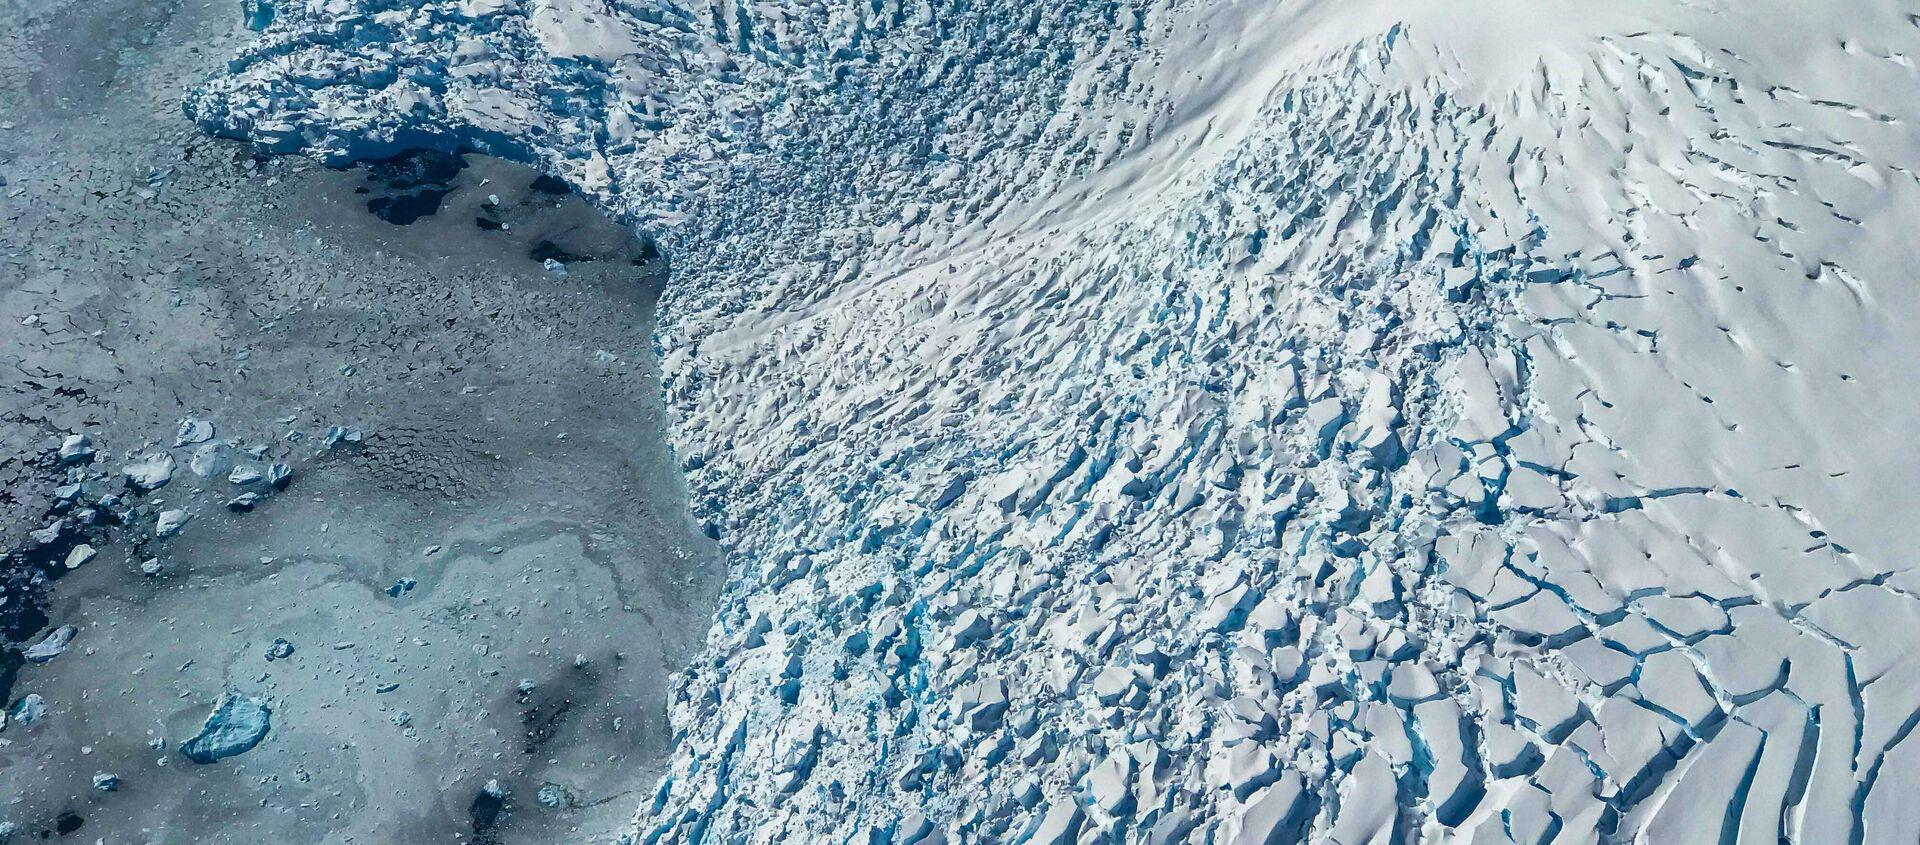 Вид на ледник и льдины на море  - Sputnik Latvija, 1920, 30.11.2020